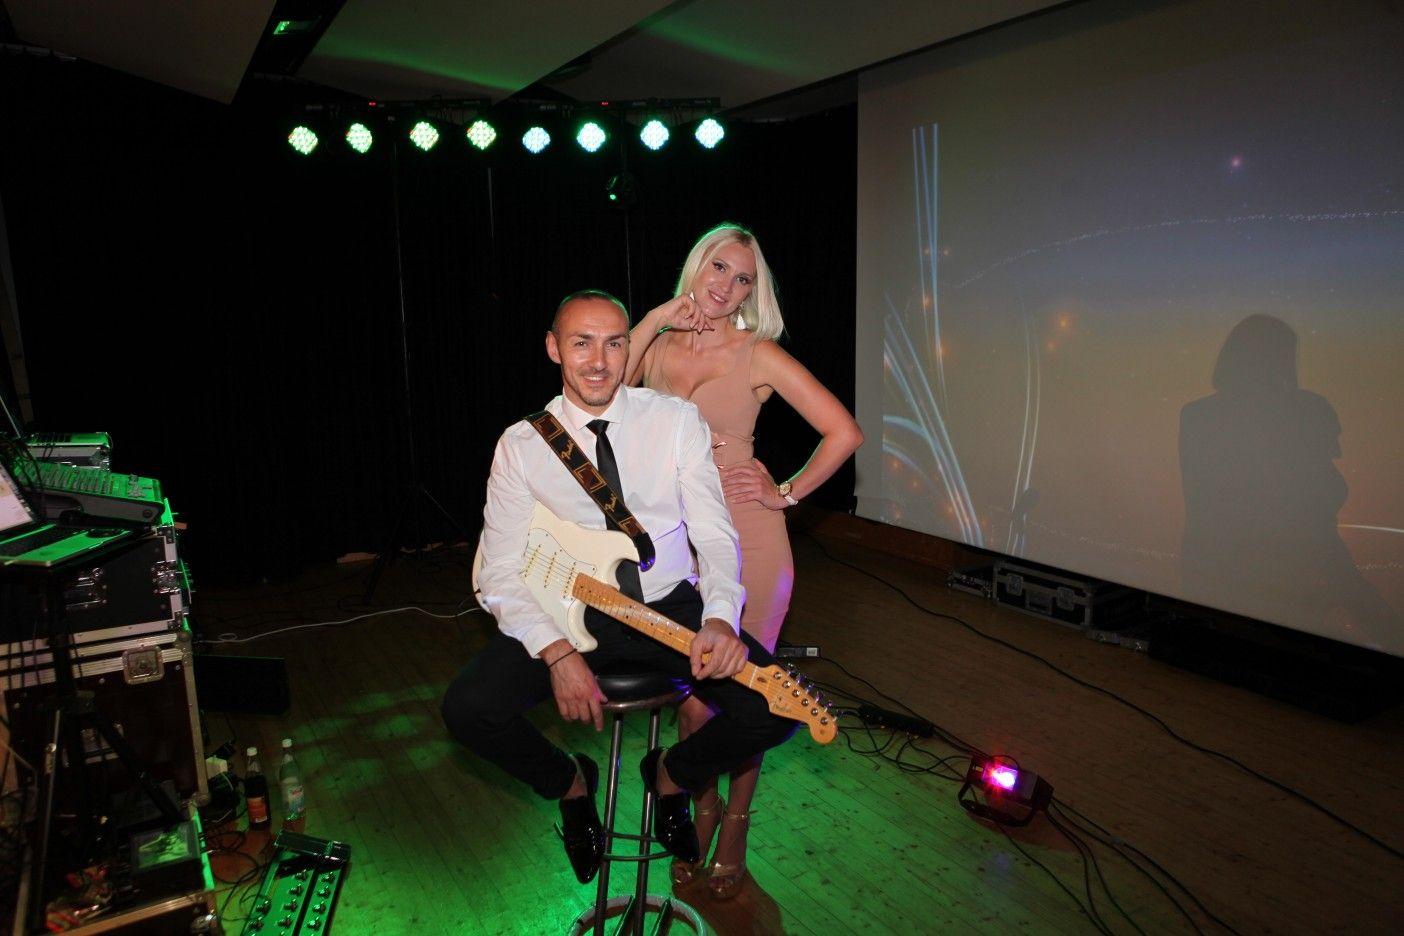 Showbandadrenalin Russischehochzeit Russwedding Saxplayer Geigeshow Musikband Partyband Hochzeit Hochzeitsband Adrenalinband Veranstaltung Hochzeit Tanzen